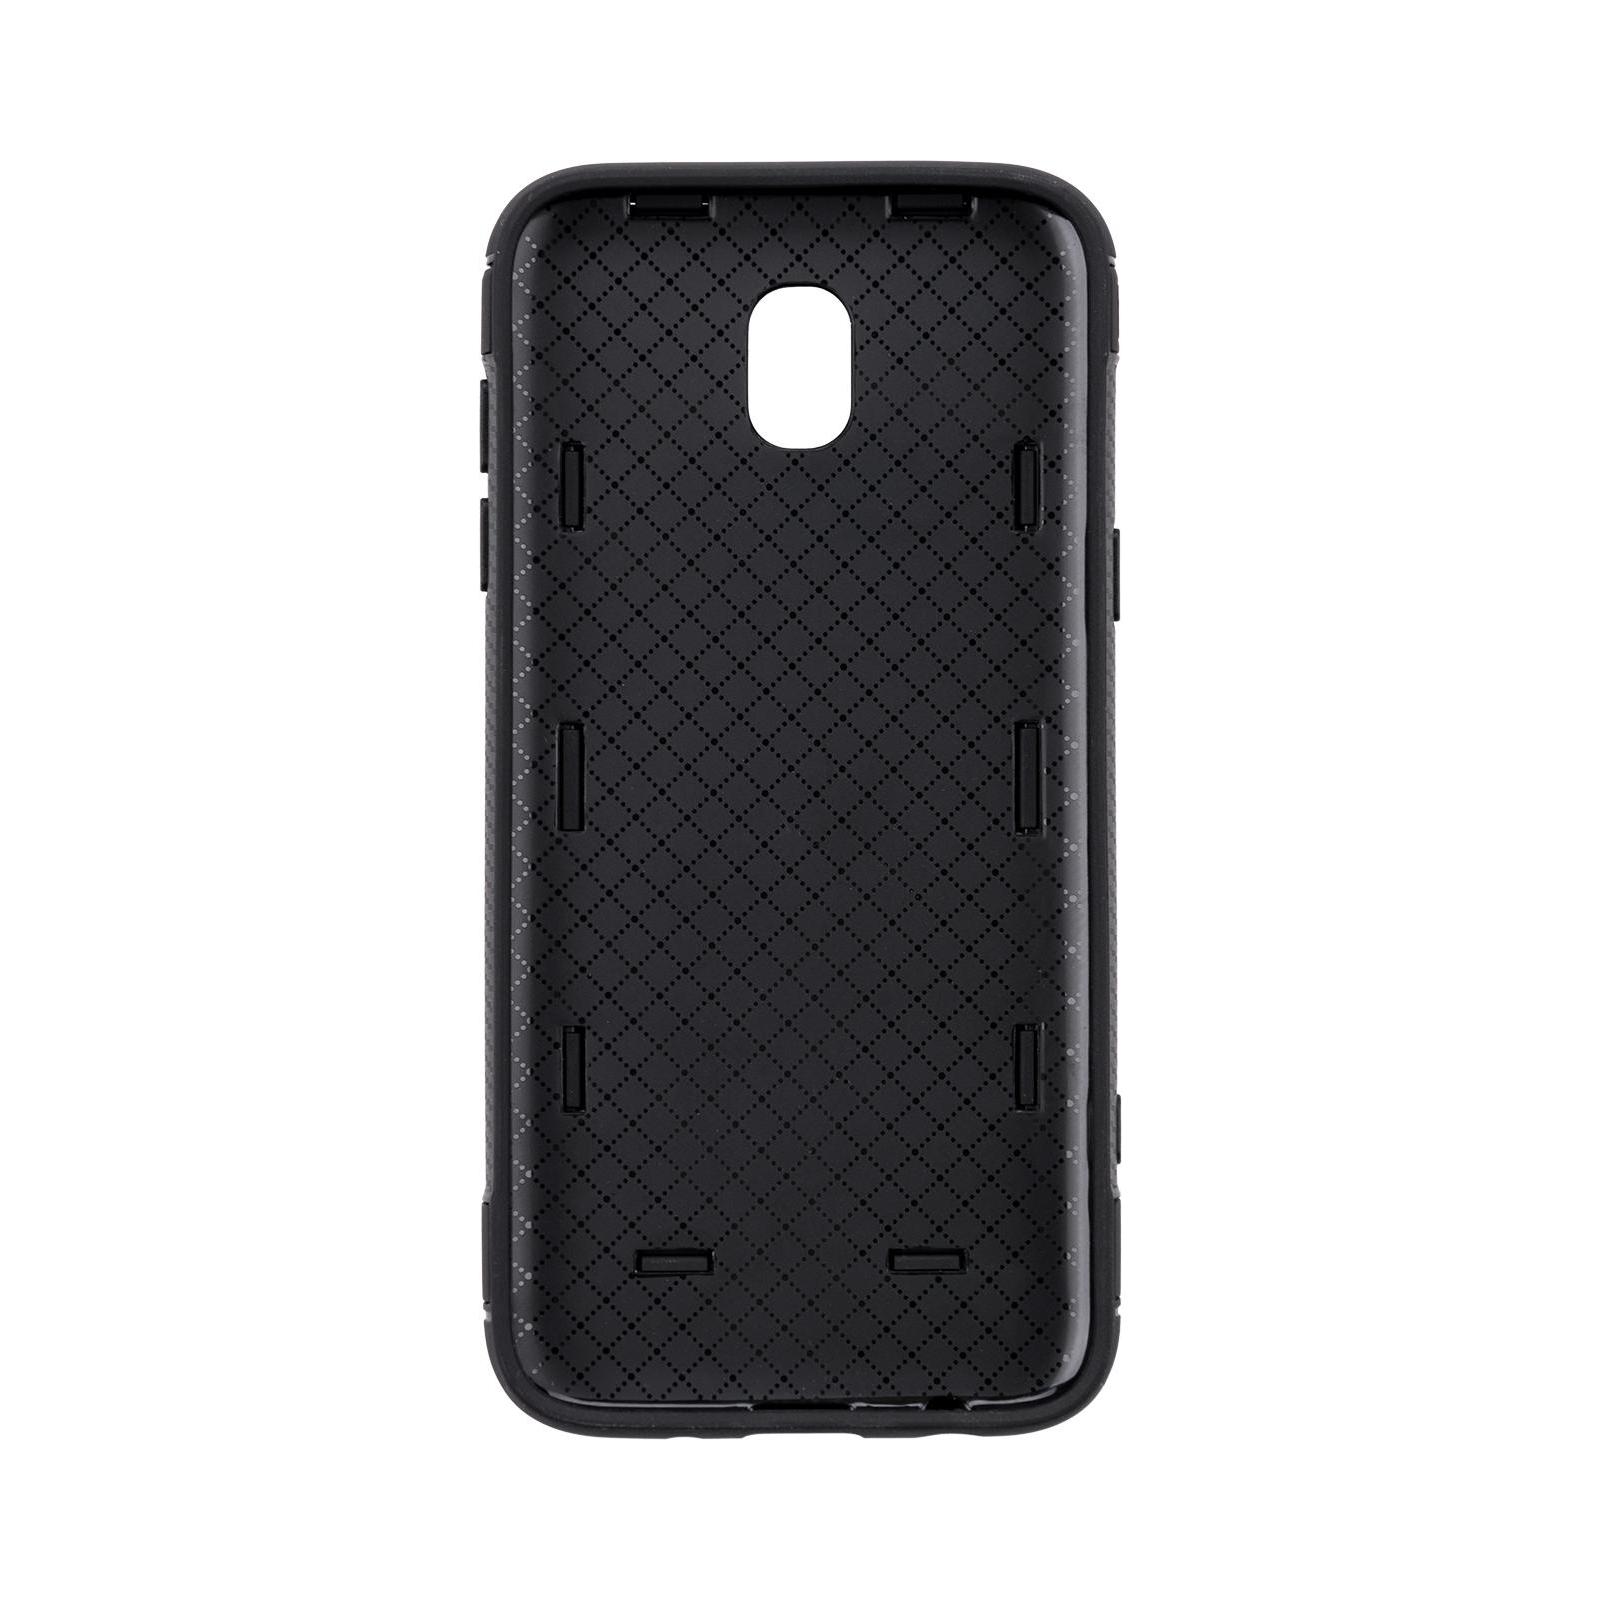 Чехол для моб. телефона Laudtec для Samsung J5 2017/J530 Ring stand (black) (LR-J530-BC) изображение 9